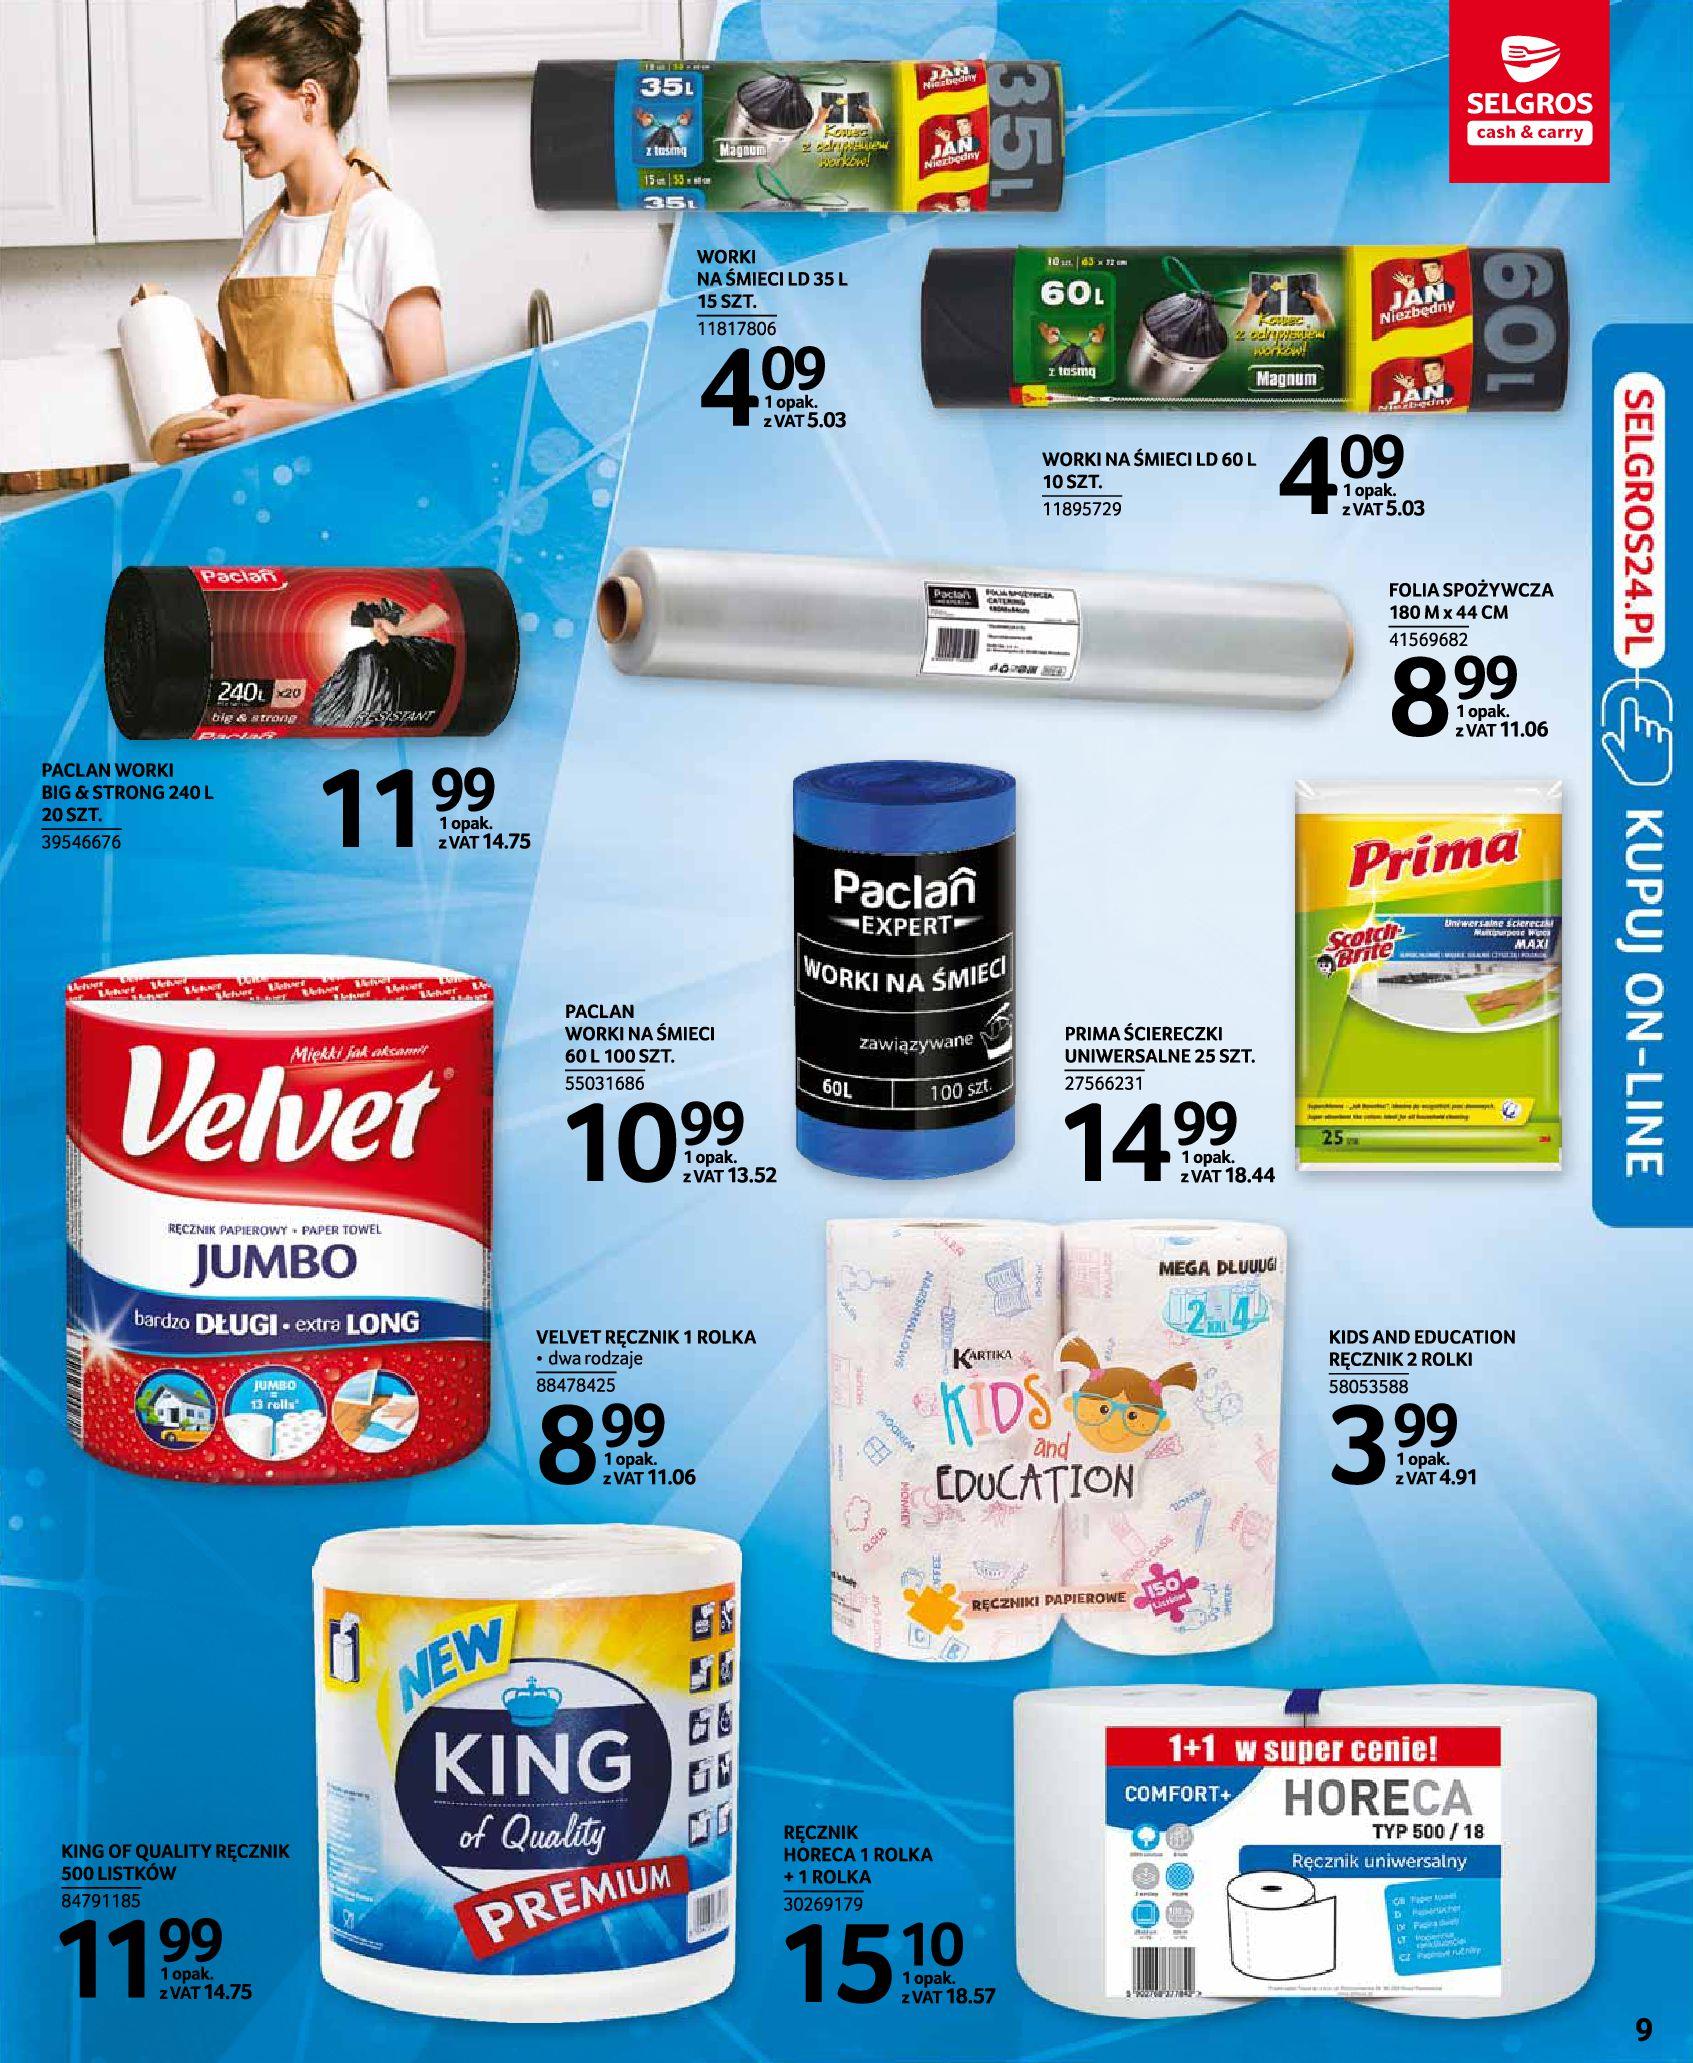 Gazetka Selgros: Katalog Sprzątanie 2020-11-19 page-9